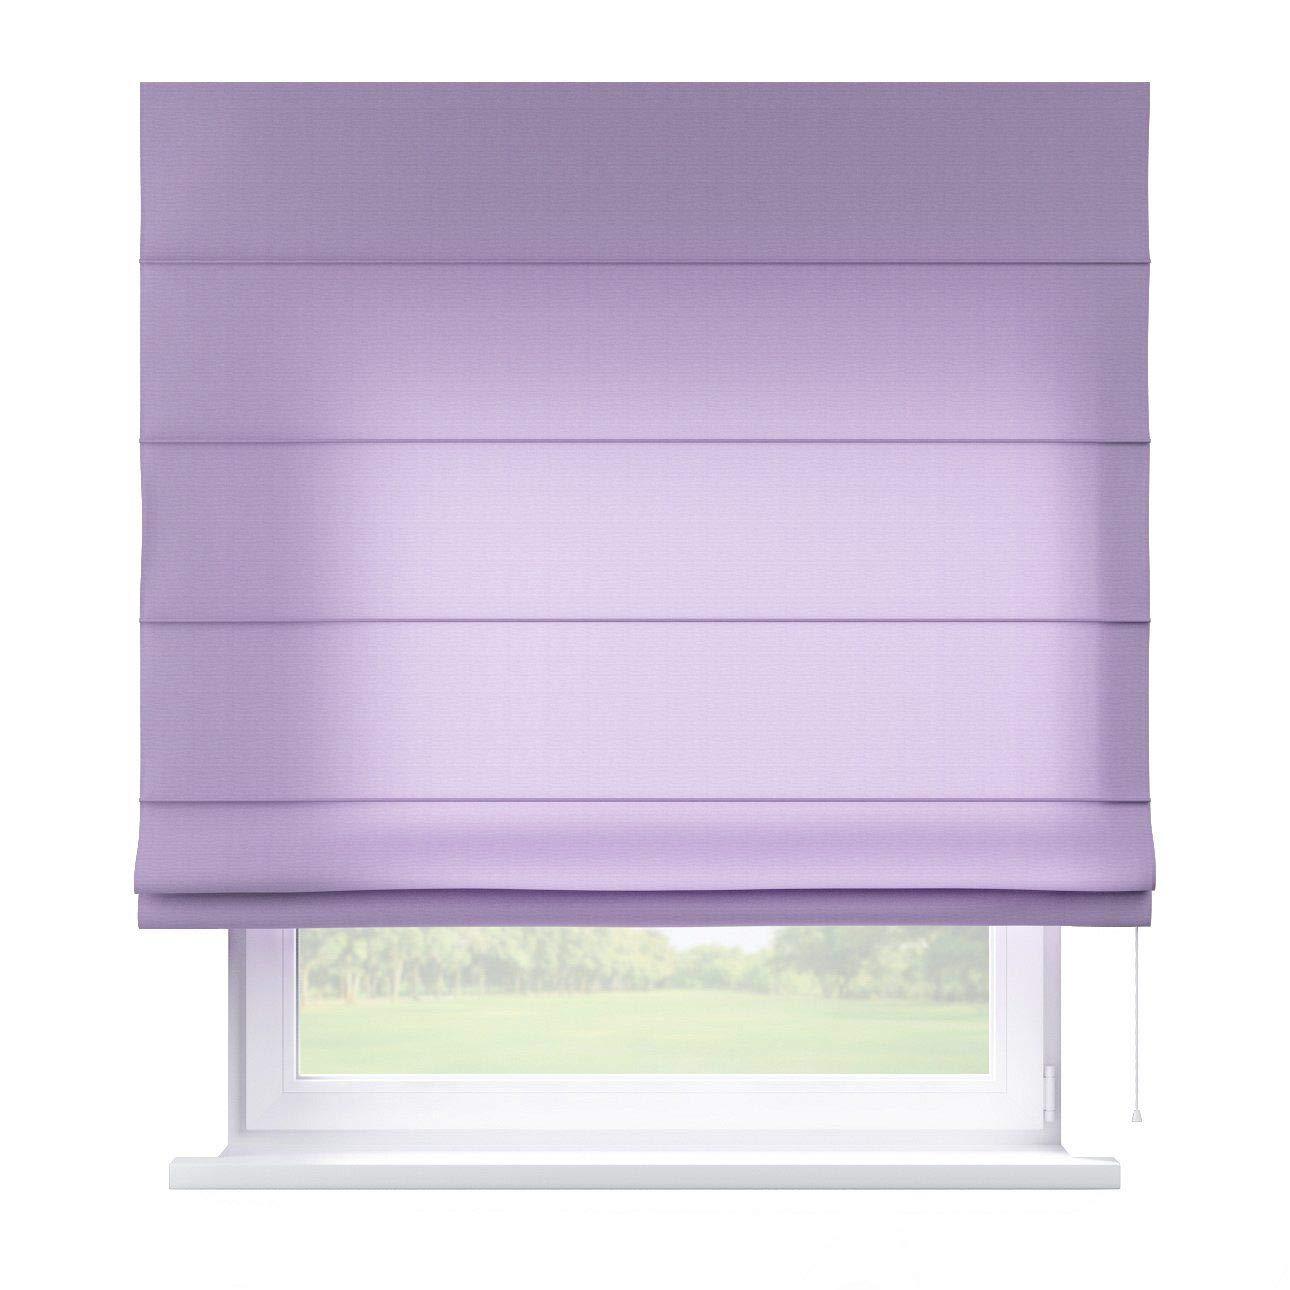 Dekoria Raffrollo Capri ohne Bohren Blickdicht Faltvorhang Raffgardine Wohnzimmer Schlafzimmer Kinderzimmer 130 × 170 cm Lavendel Raffrollos auf Maß maßanfertigung möglich